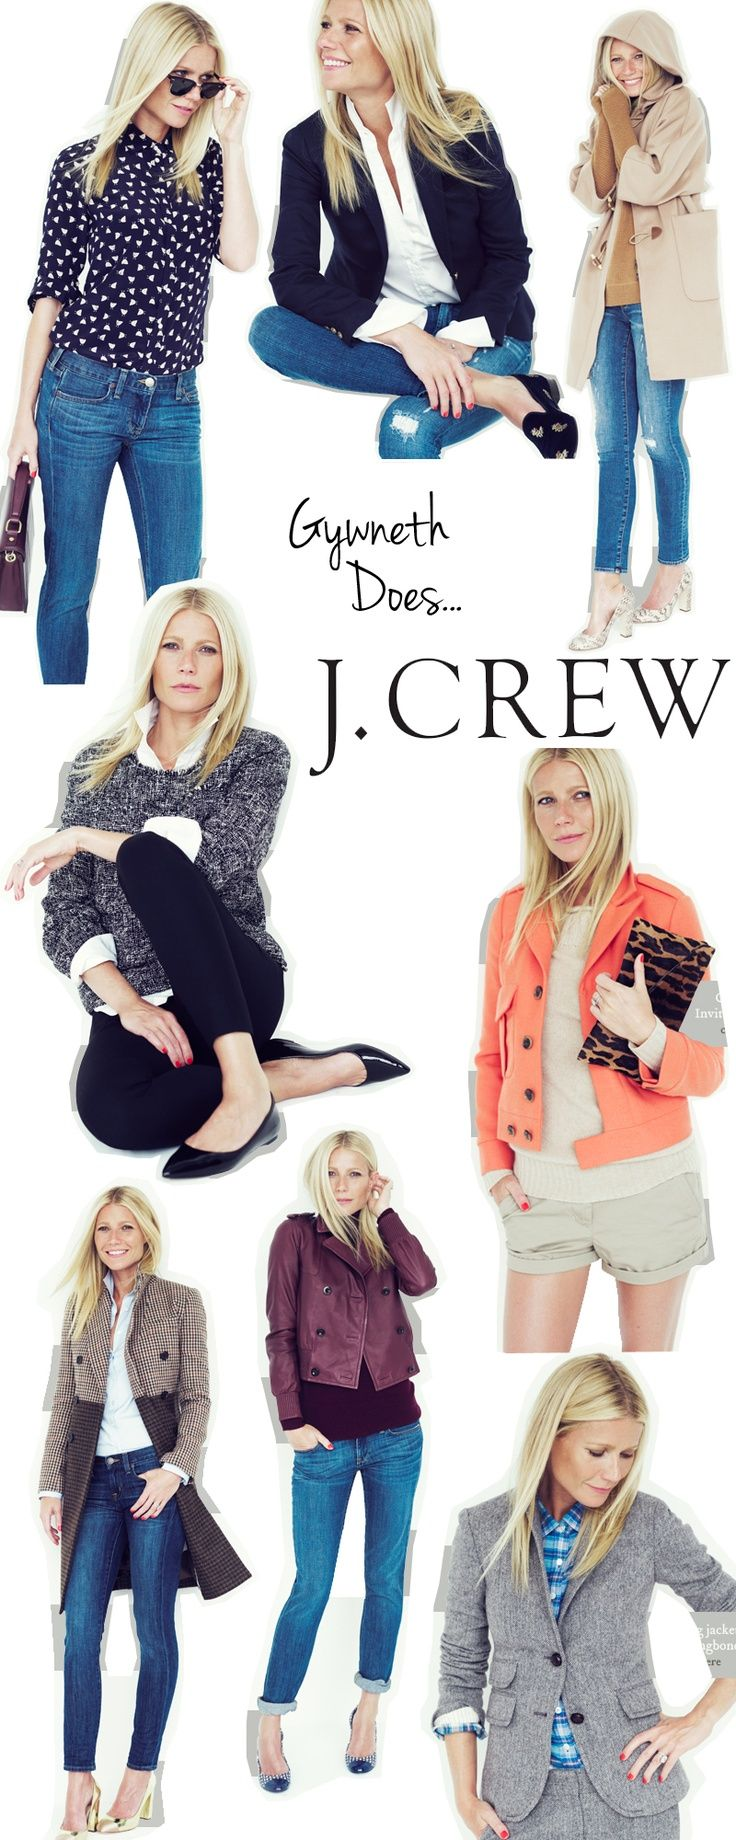 Gwyneth Paltrow wears J.Crew blazers, jackets, and sweaters. #JCrew